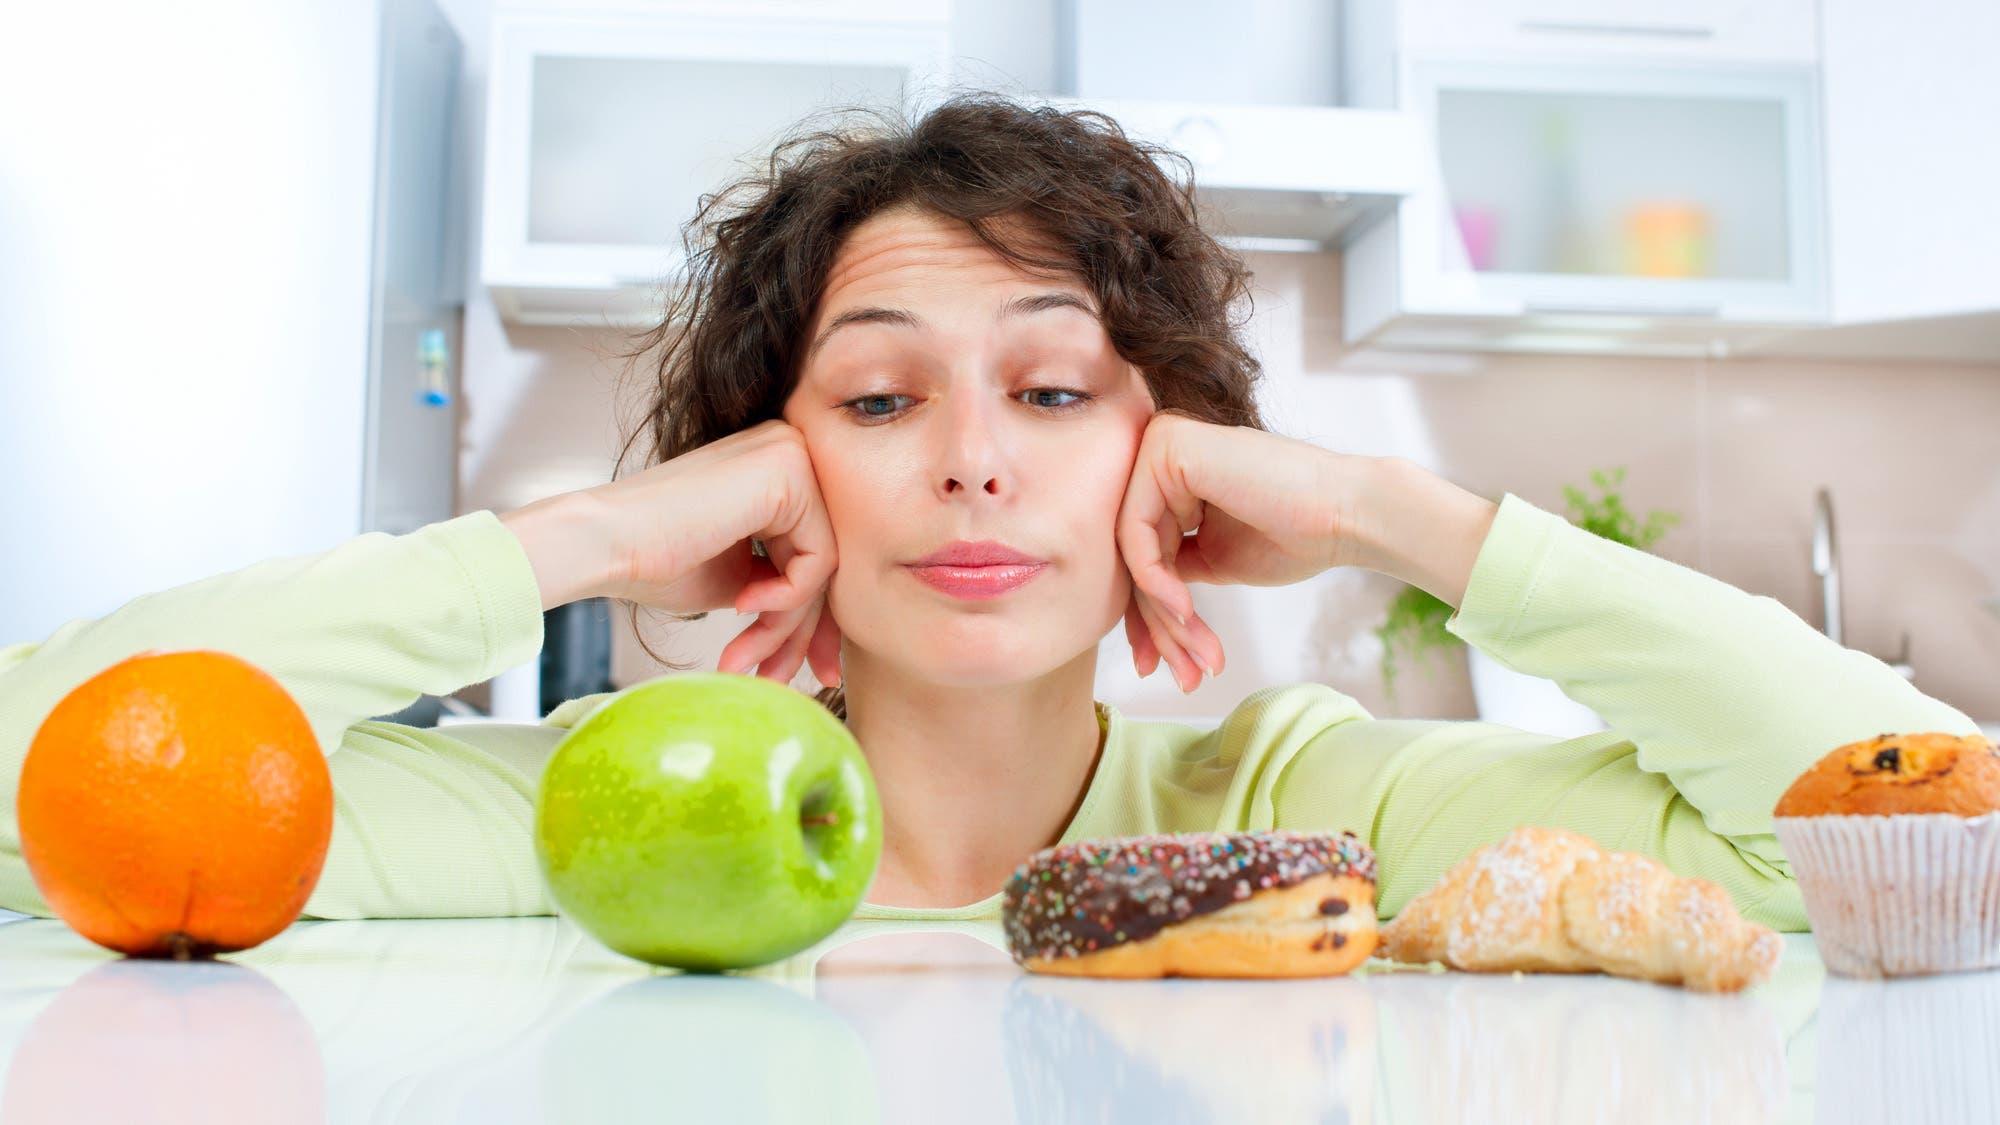 Por qué recomiendan tostadas en vez de pan y otras dudas comunes de las dietas